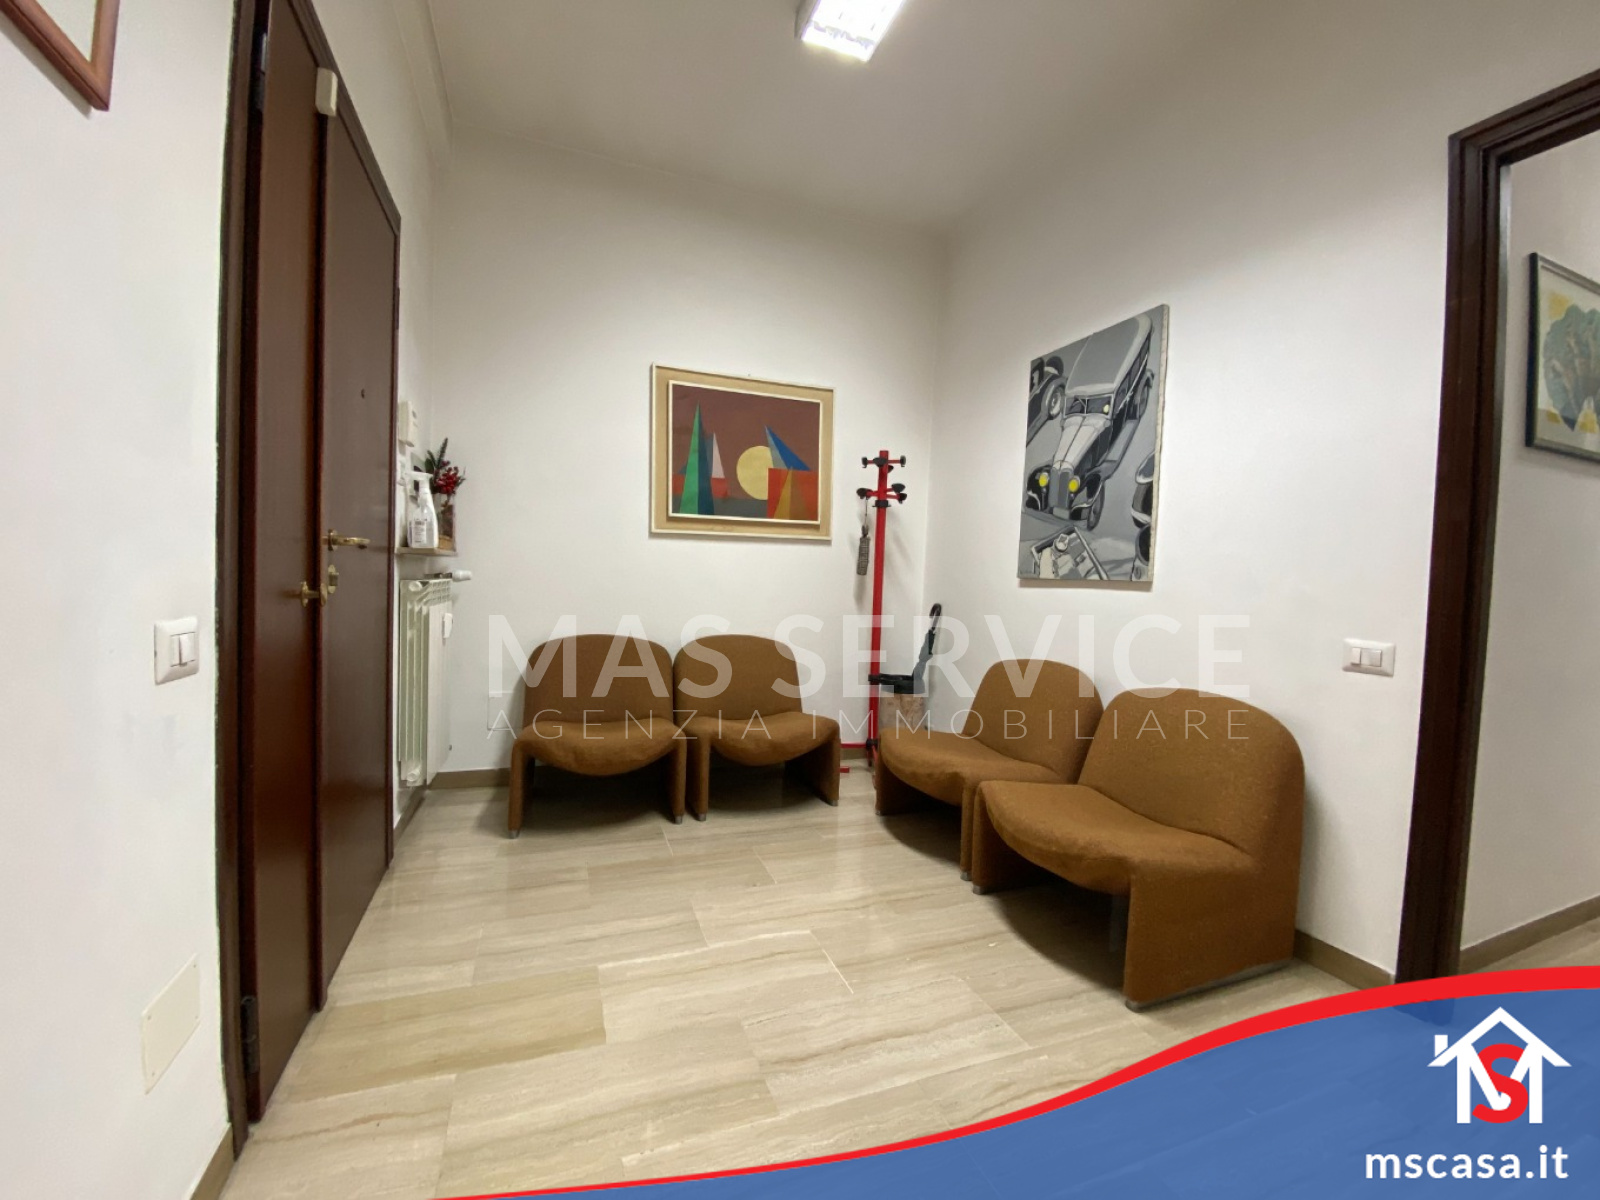 Appartamento in Vendita zona Montagnola a Roma Vista Ingresso